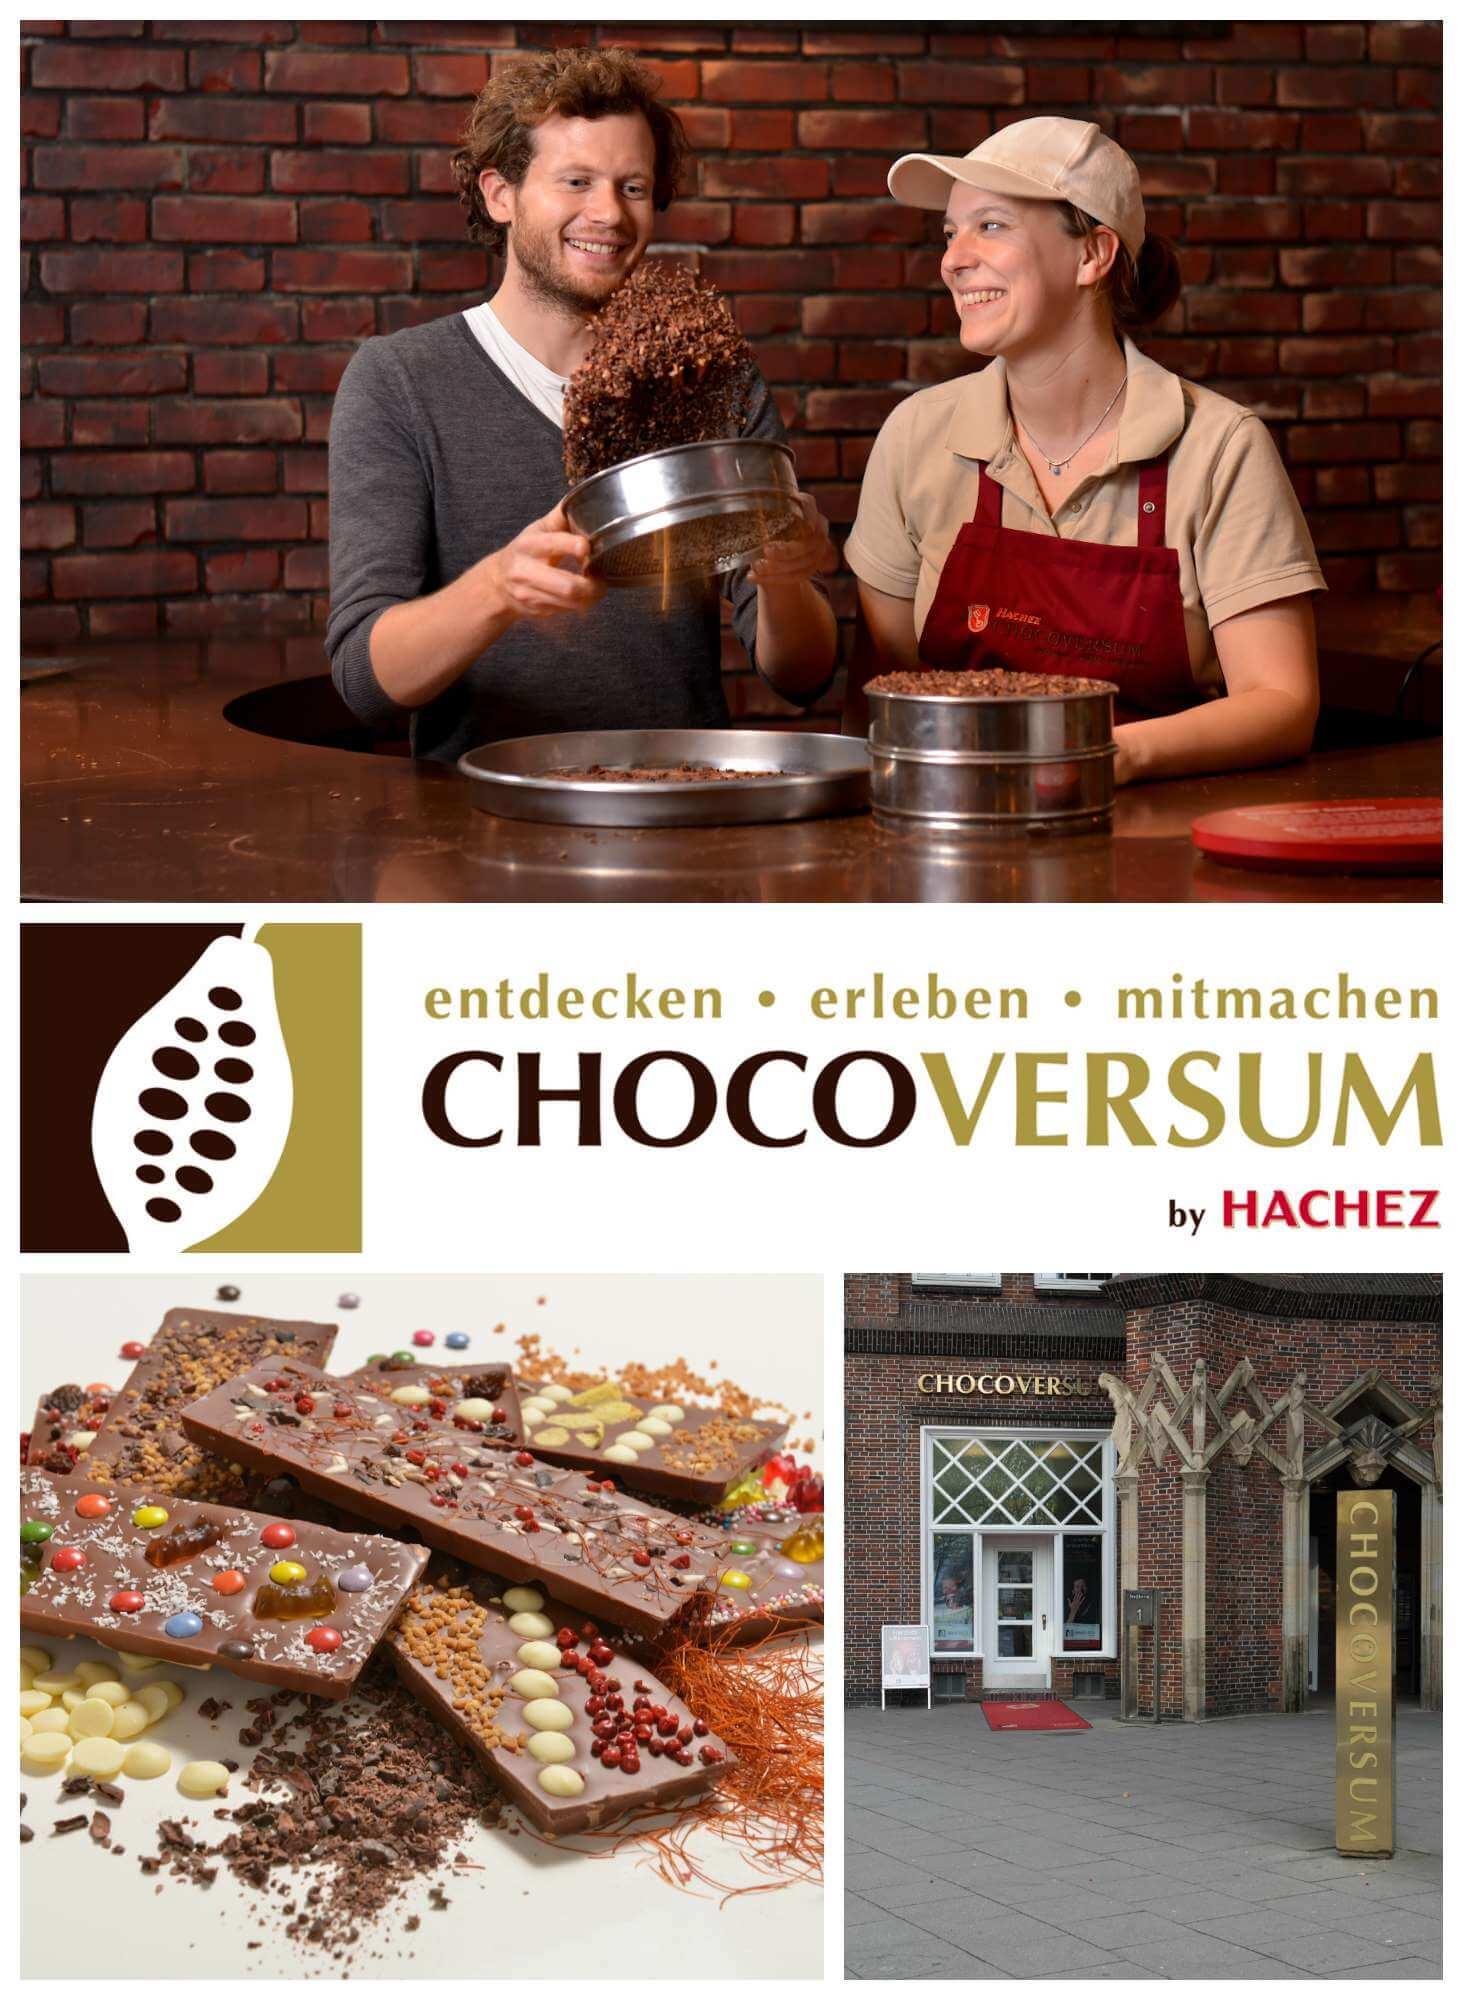 Gegen Schokolade kann man nun wirklich nichts sagen. Ja